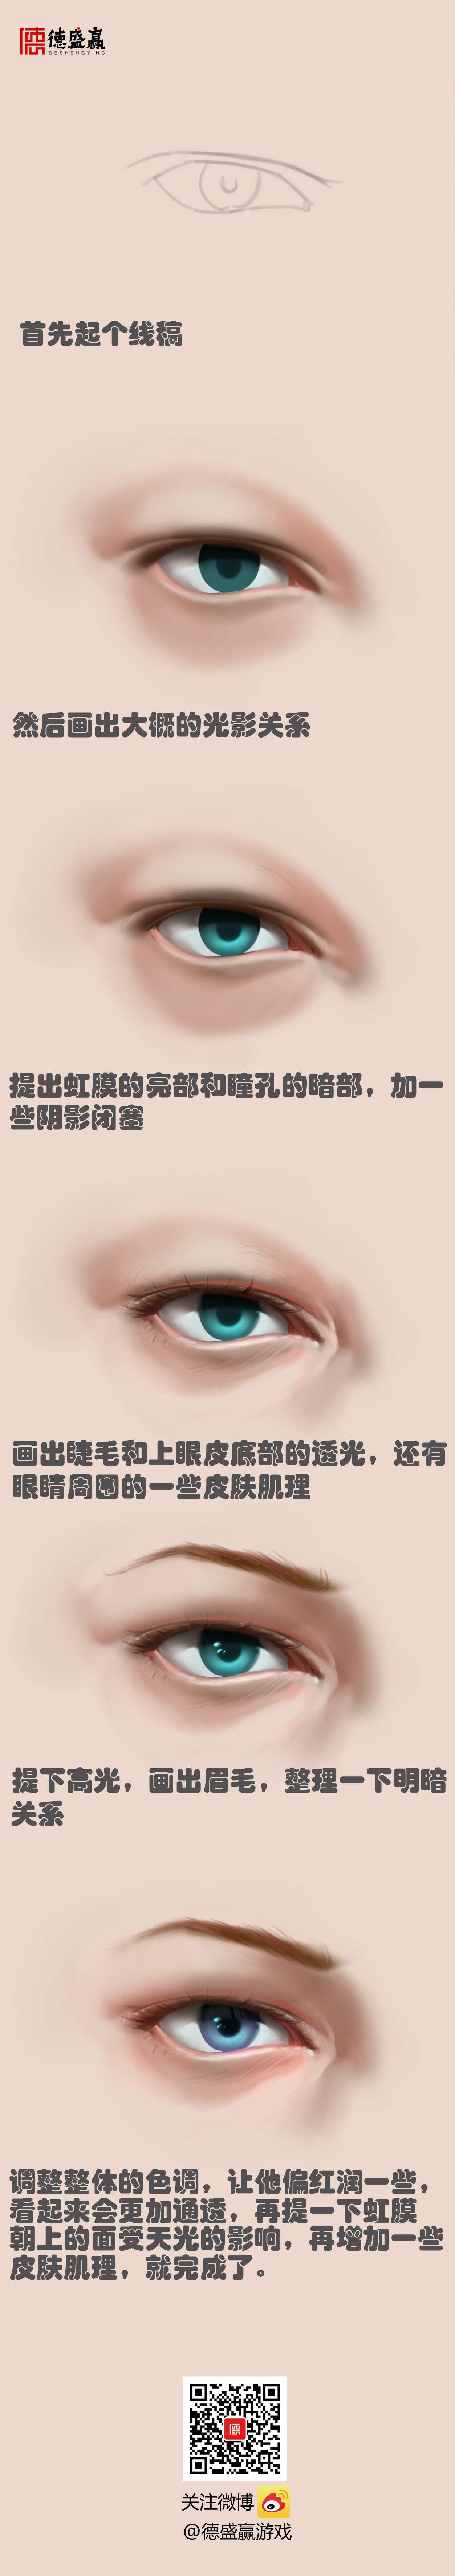 眼睛教程1.jpg